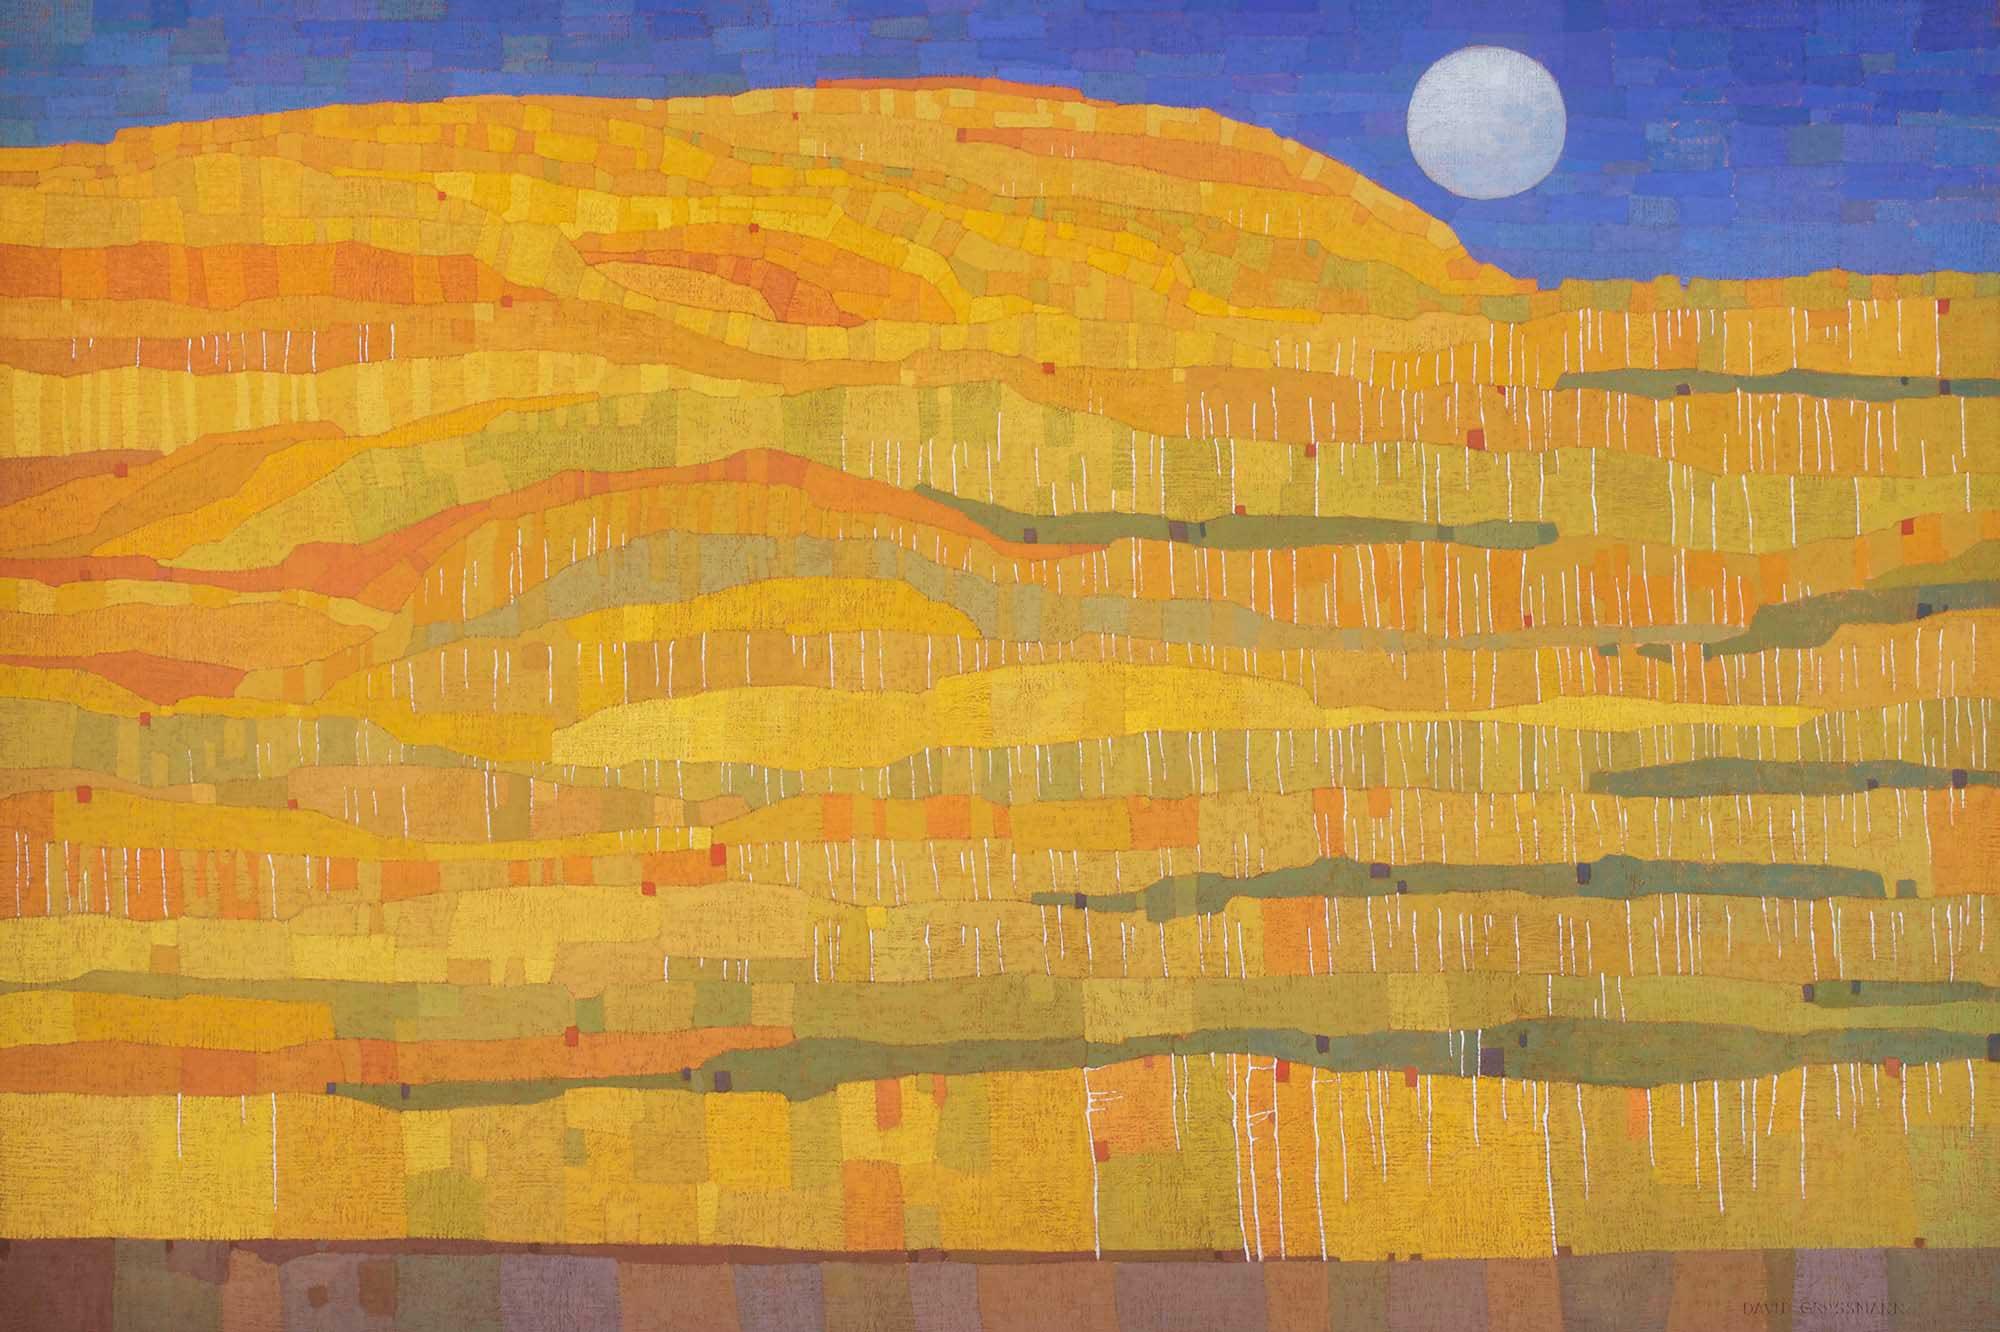 Quilted-Autumn-david-grossmann-oil-on-linen-panel.jpg